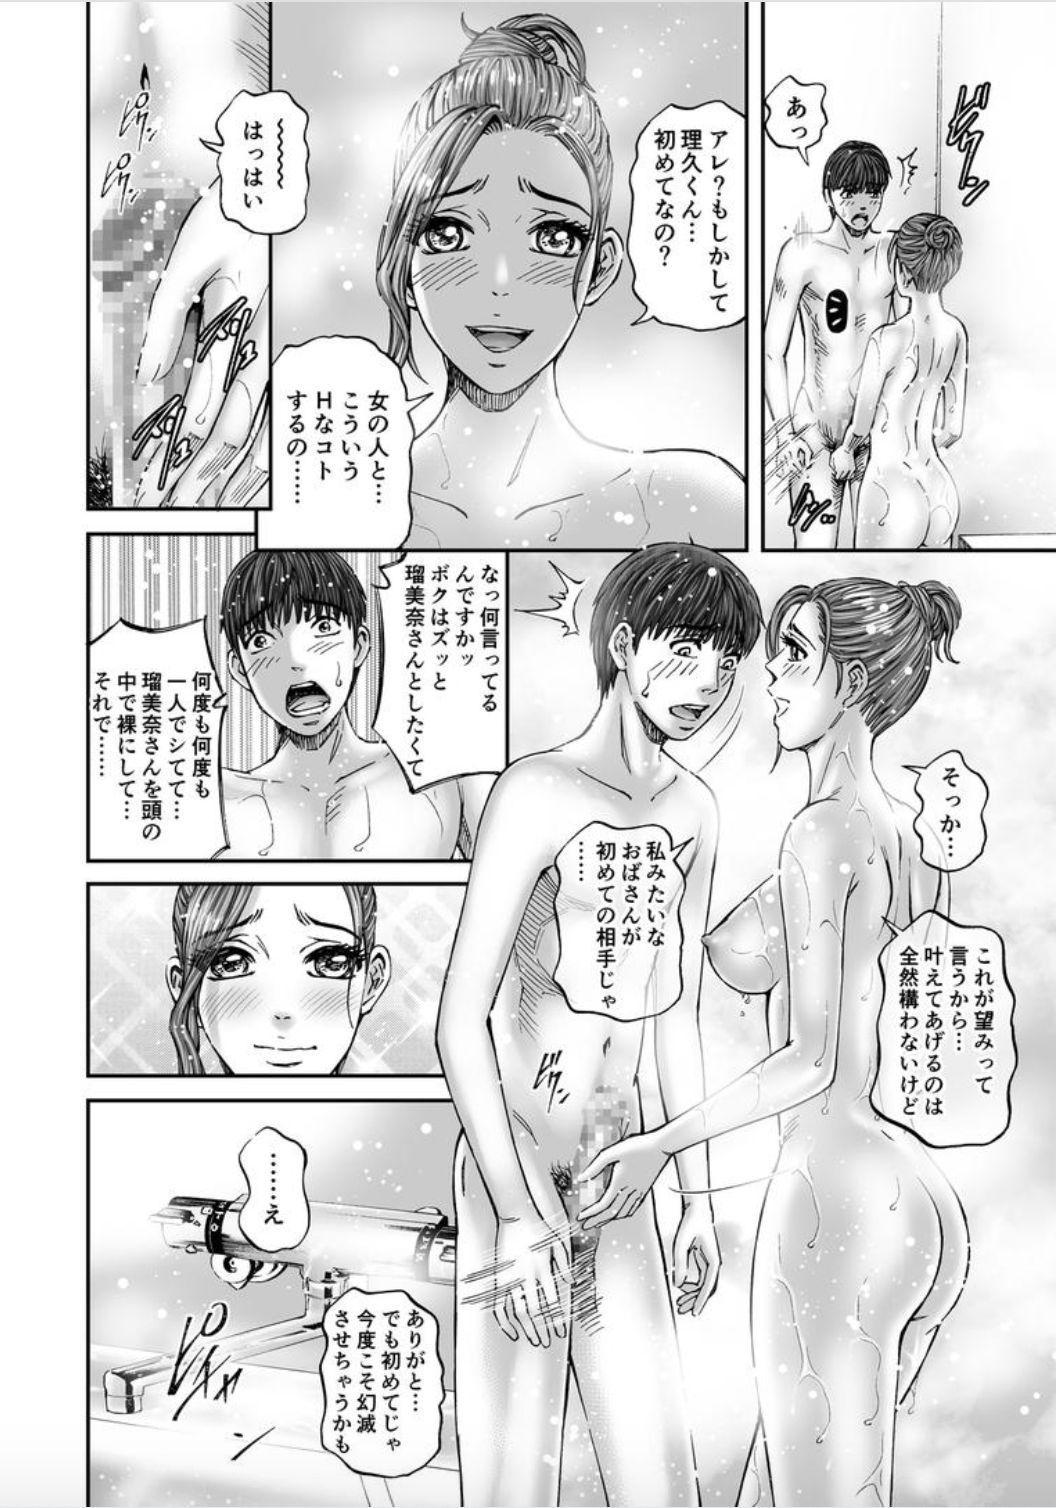 Seisyoku Dance Hitodzuma no chitsueki ni mamirete 1-2 23